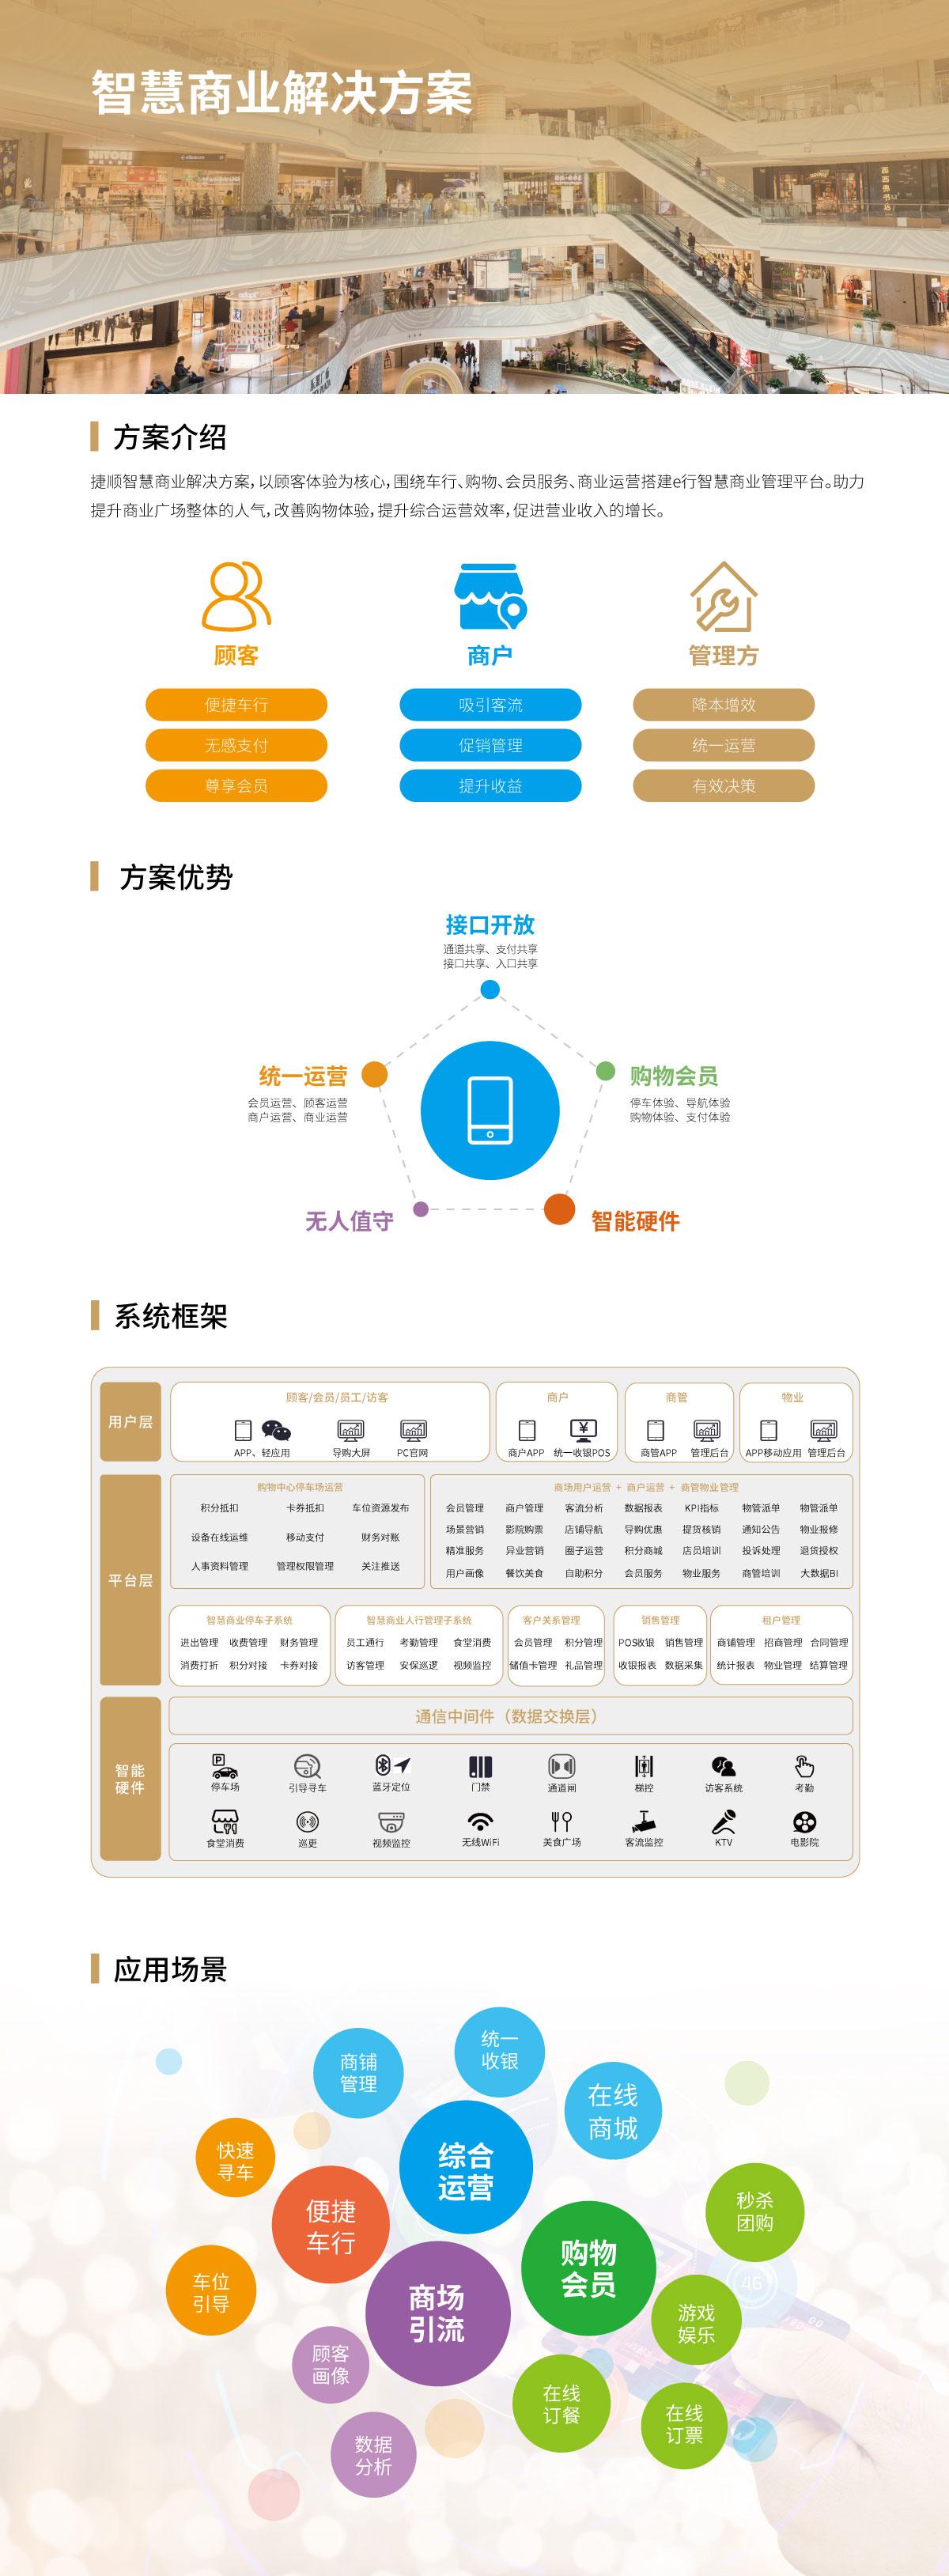 亚搏体育平台官方app商业.jpg